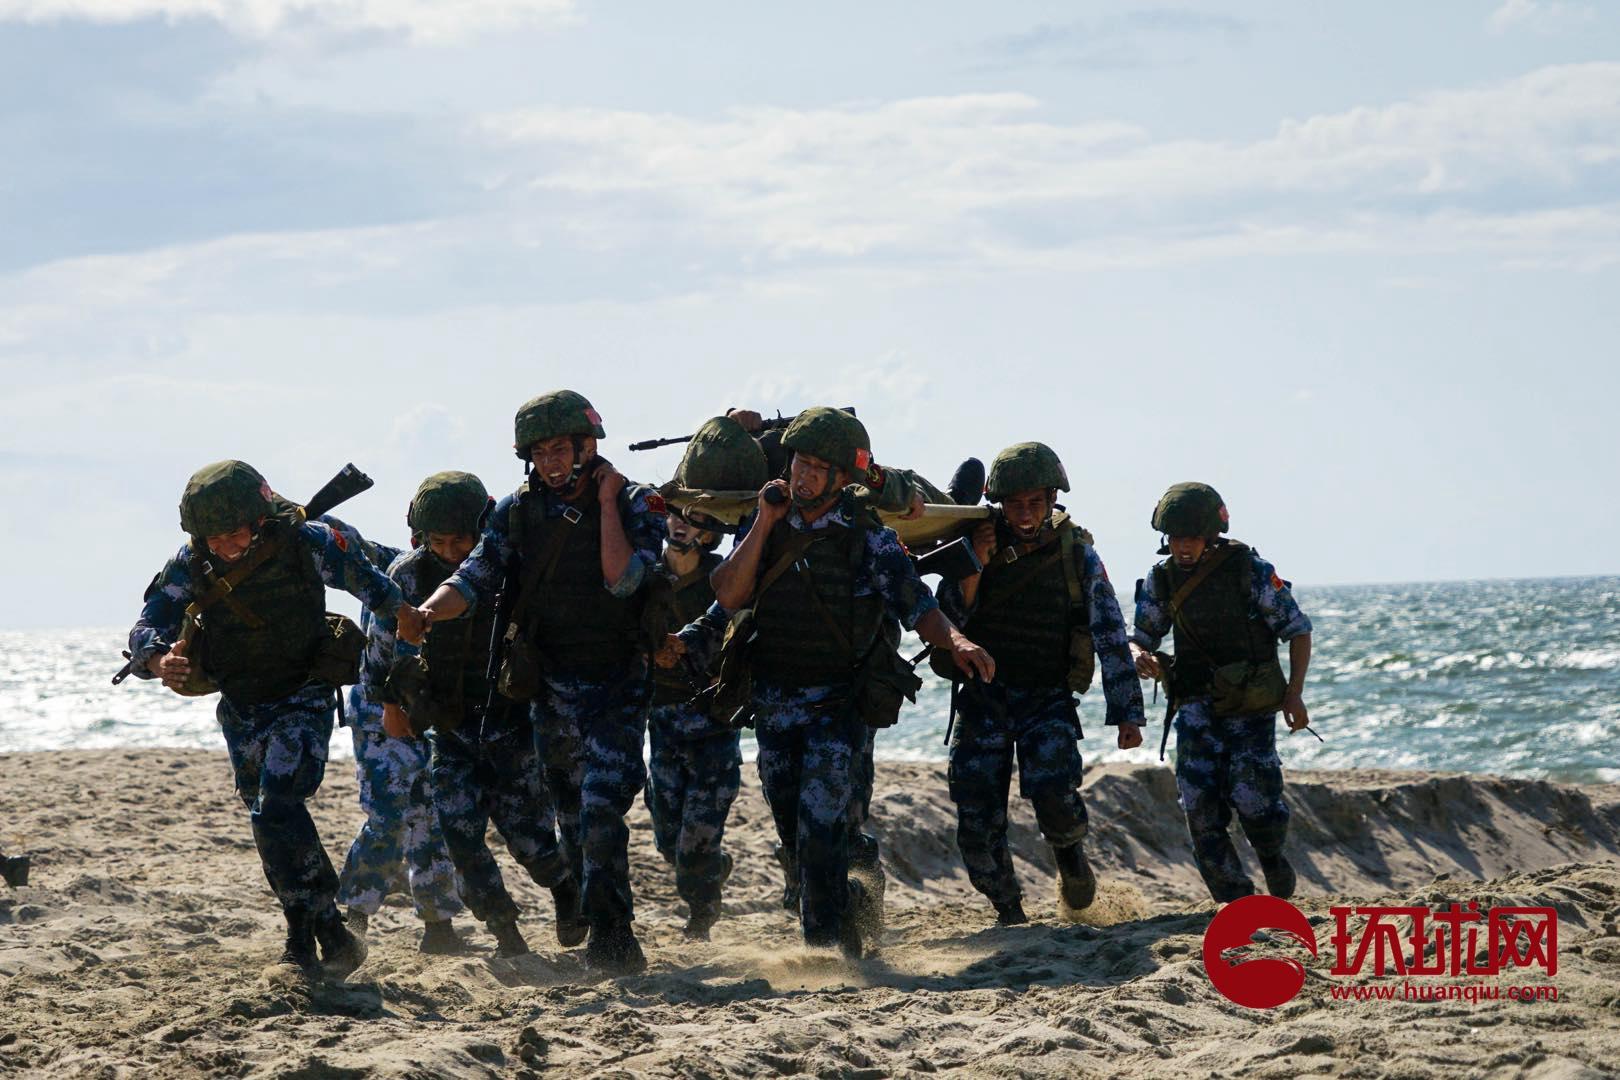 海上登陆赛胜利闭幕,中国队获团体第二